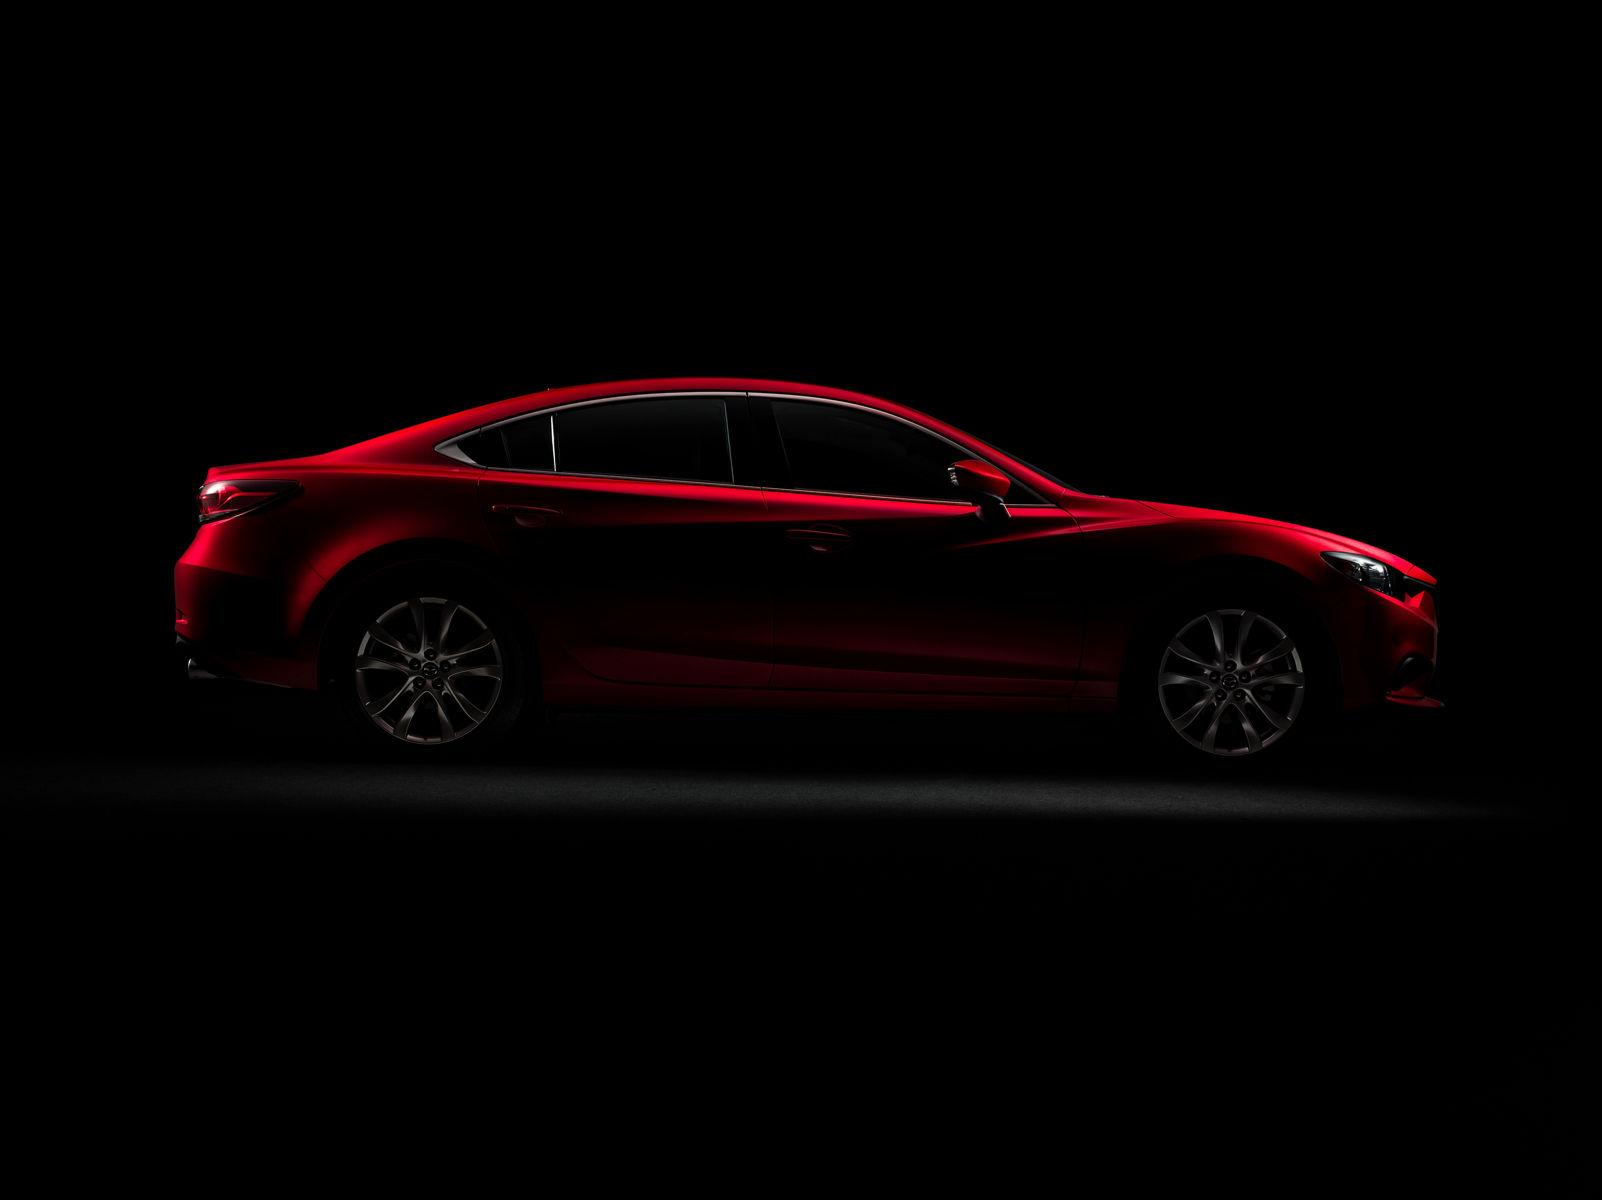 08_C_Mazda_121130_Profile.jpg